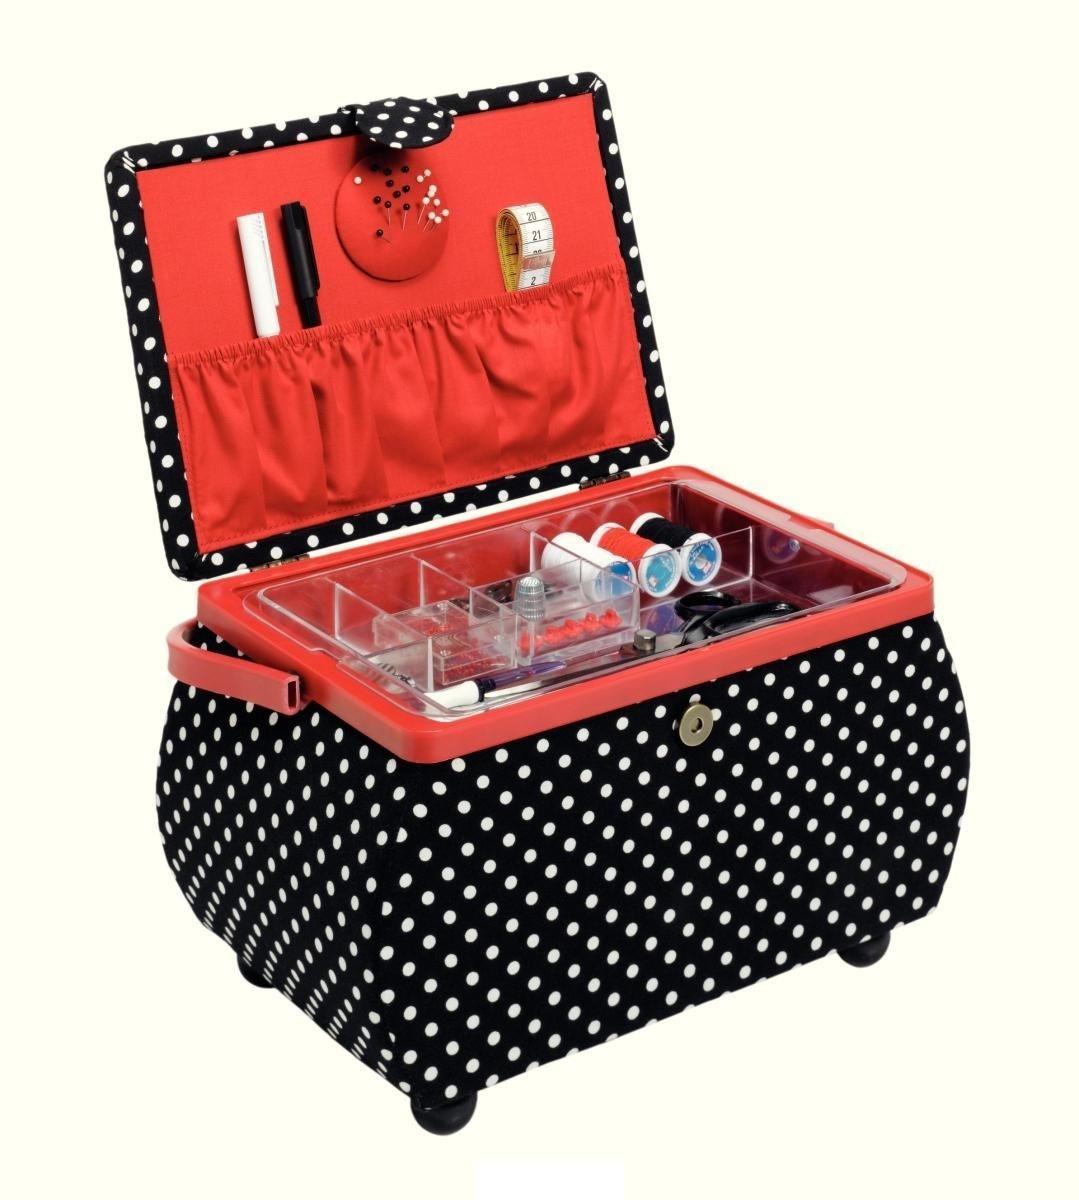 Шкатулка для рукоделия Polka dots (Горошек), цвет: черный, белый, красный, 32 х 20,5 х 20 смRG-D31SШкатулка для рукоделия в форме корзины. Выполнена в отличном дизайне с дуба темного цвета. Здесь вы можете хранить множество безделушек для своего любимого занятия. Отличный подарок на праздник для человека, которого вы любите и уважаете.